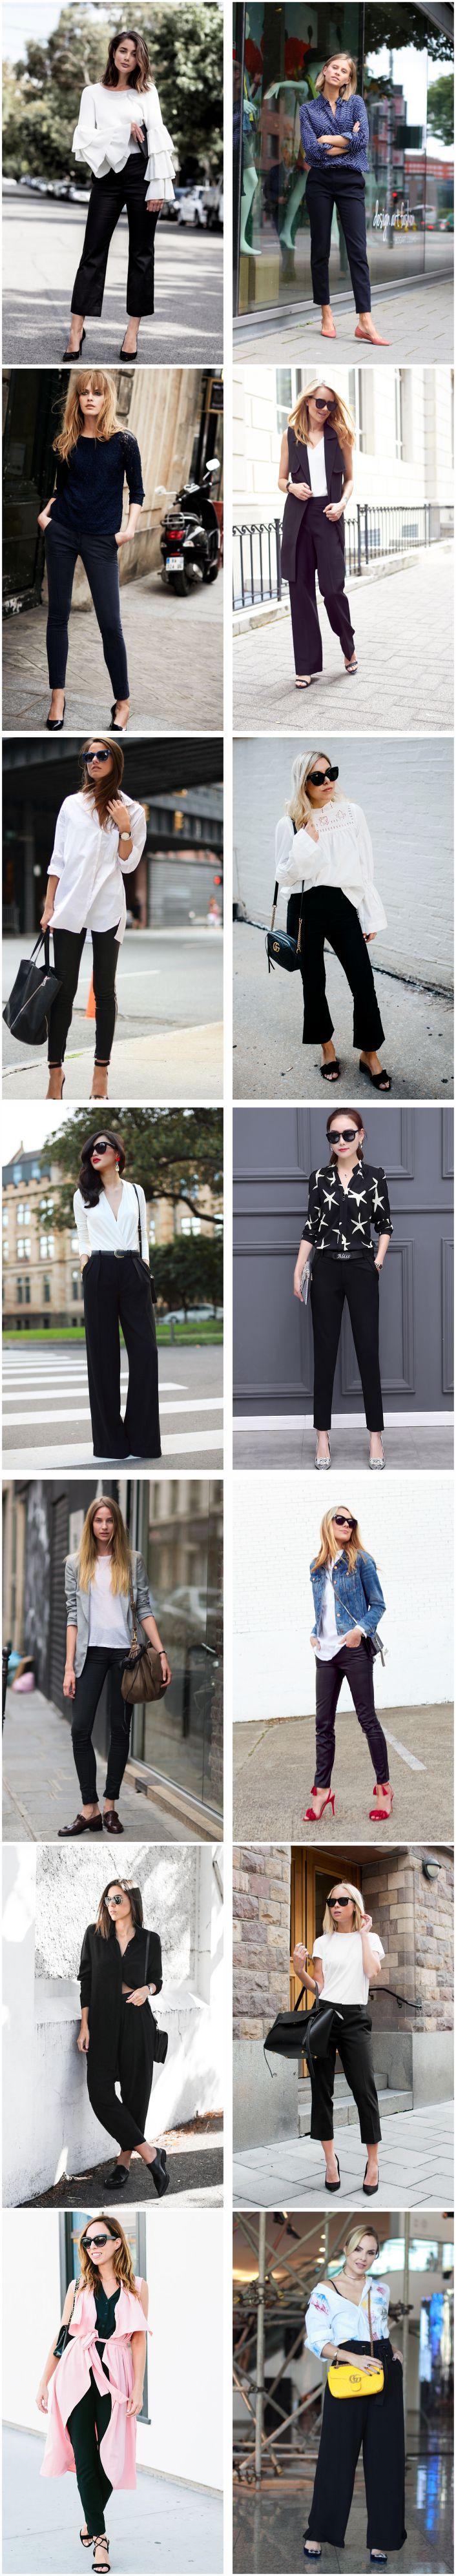 Peça essencial: Calça preta!